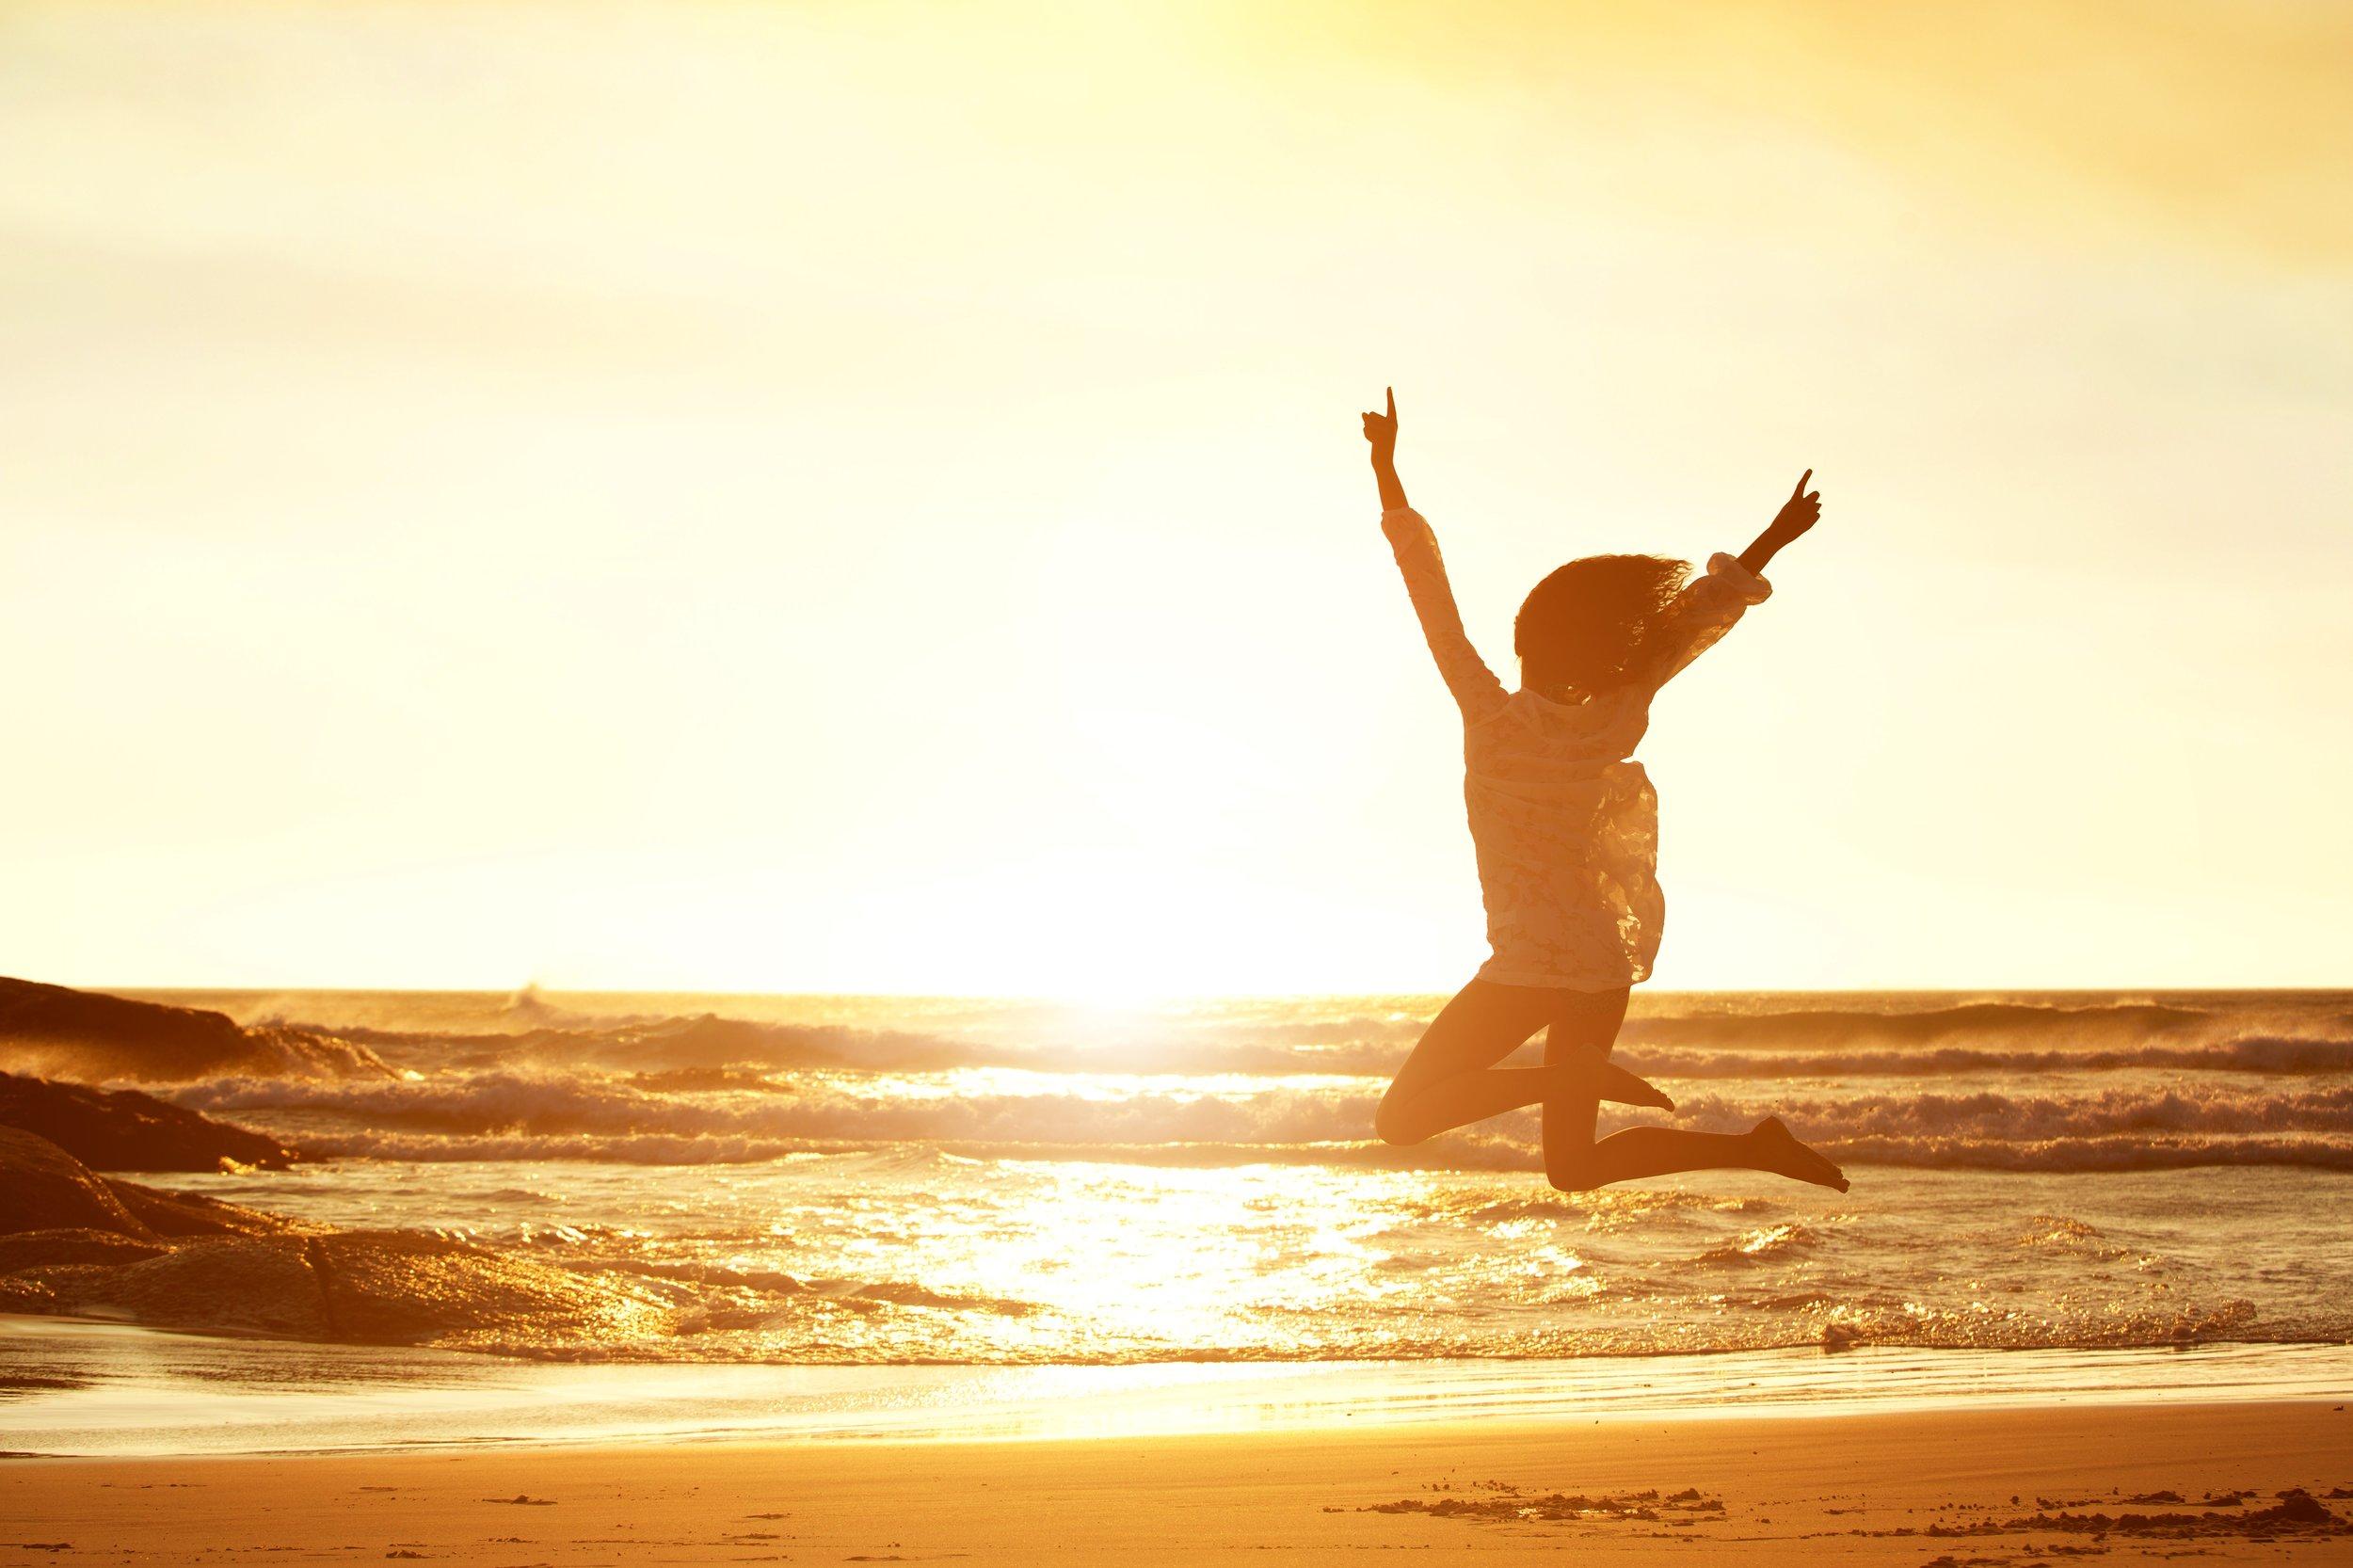 jumping-for-joy-PC3NJ5J.jpg